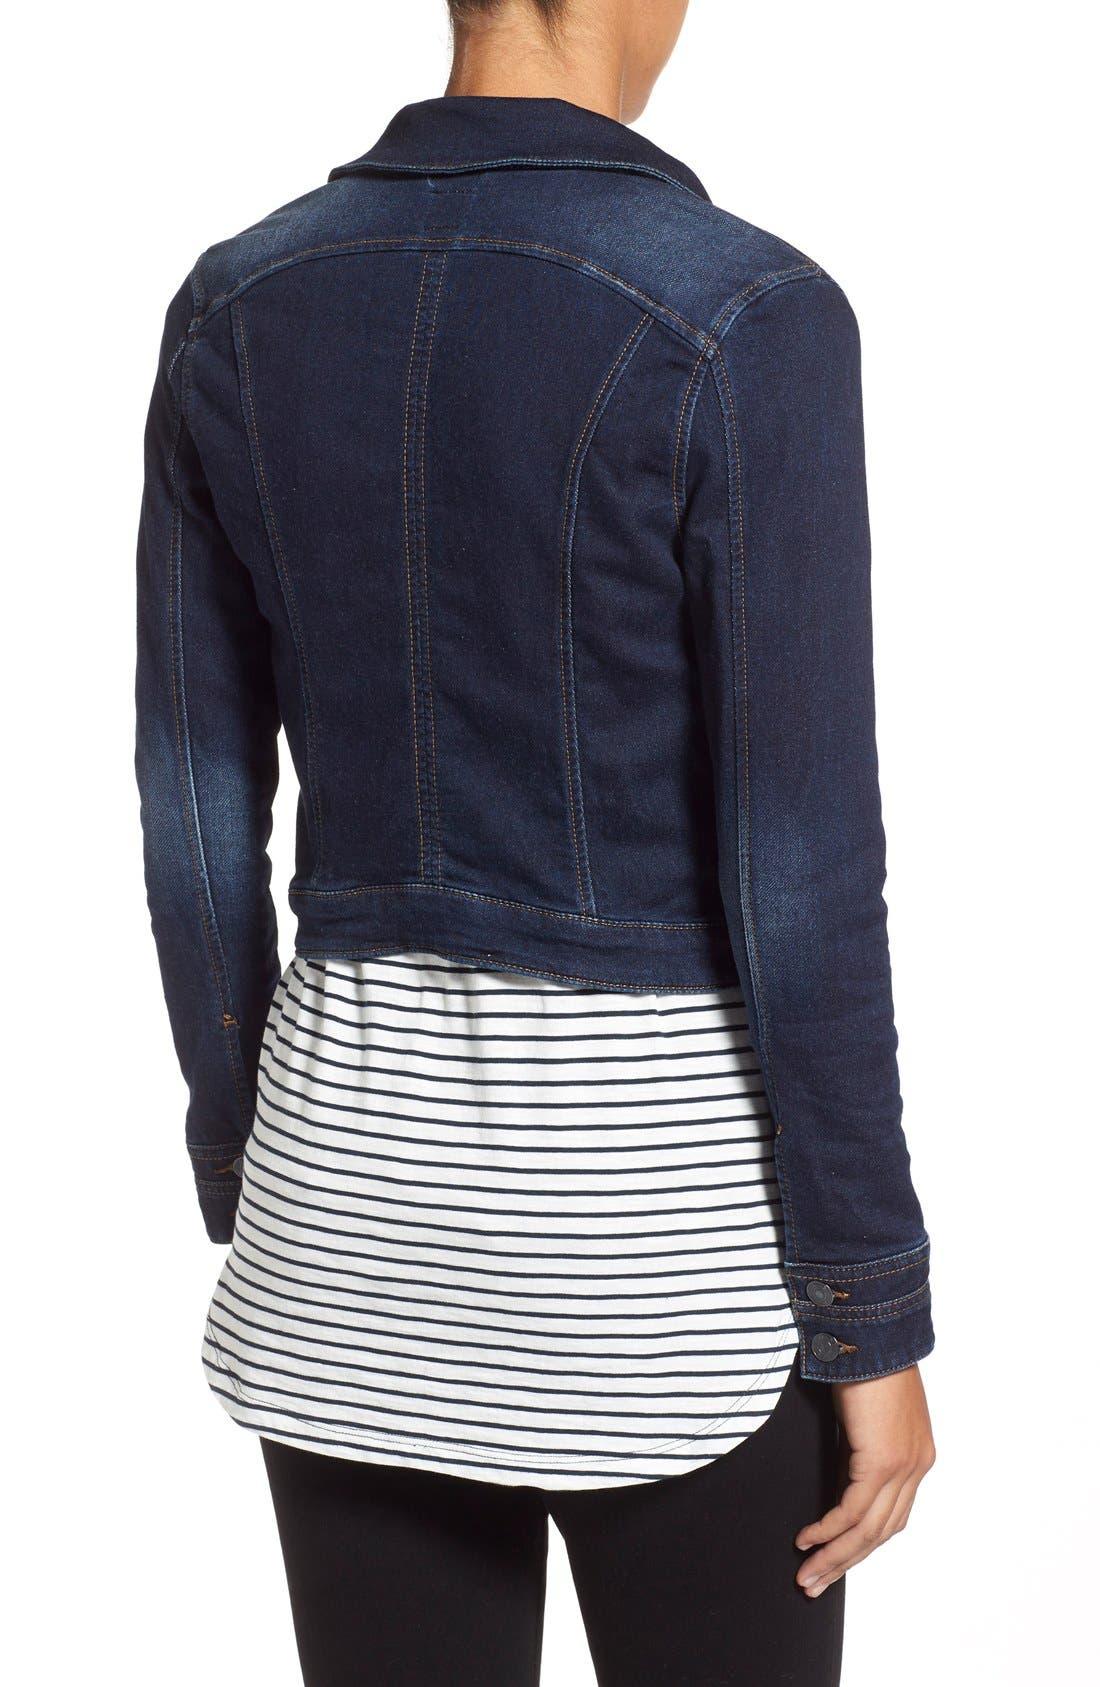 Alternate Image 3  - Jag Jeans 'Savannah' Knit Denim Jacket